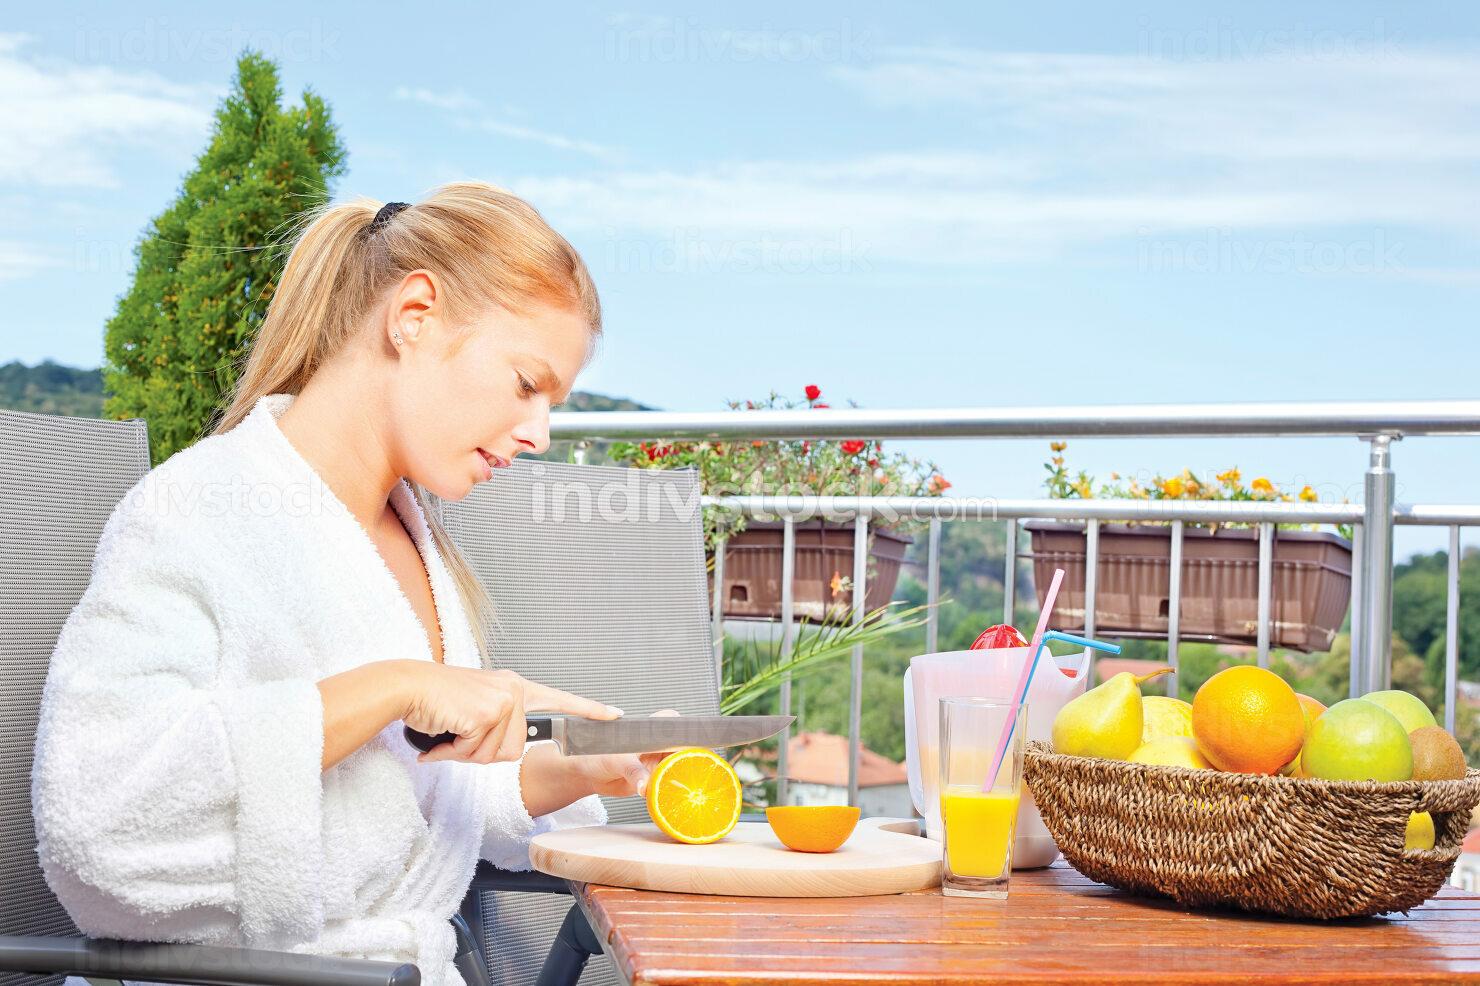 Woman making morning juice